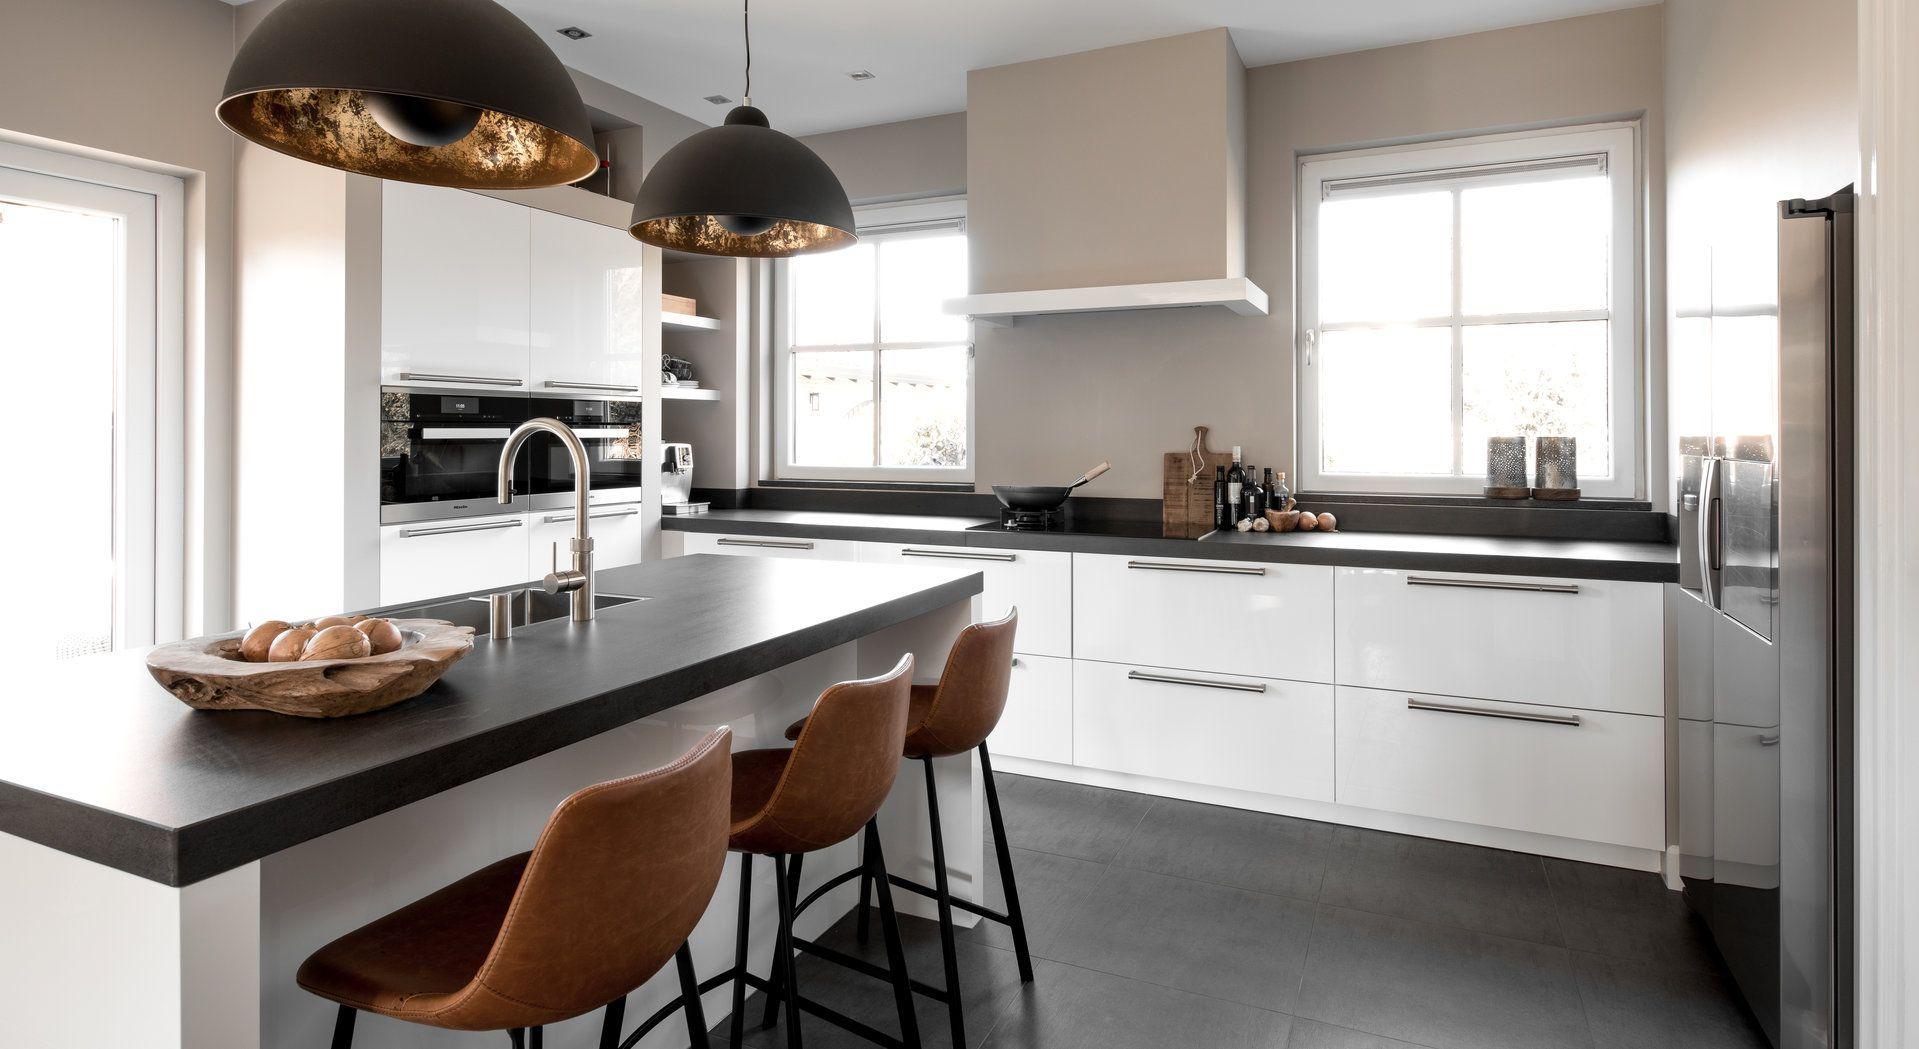 Familie Van Der Vliet Familie Van Der Vliet Keuken Ontwerpen Ikea Keukenkasten Keuken Design